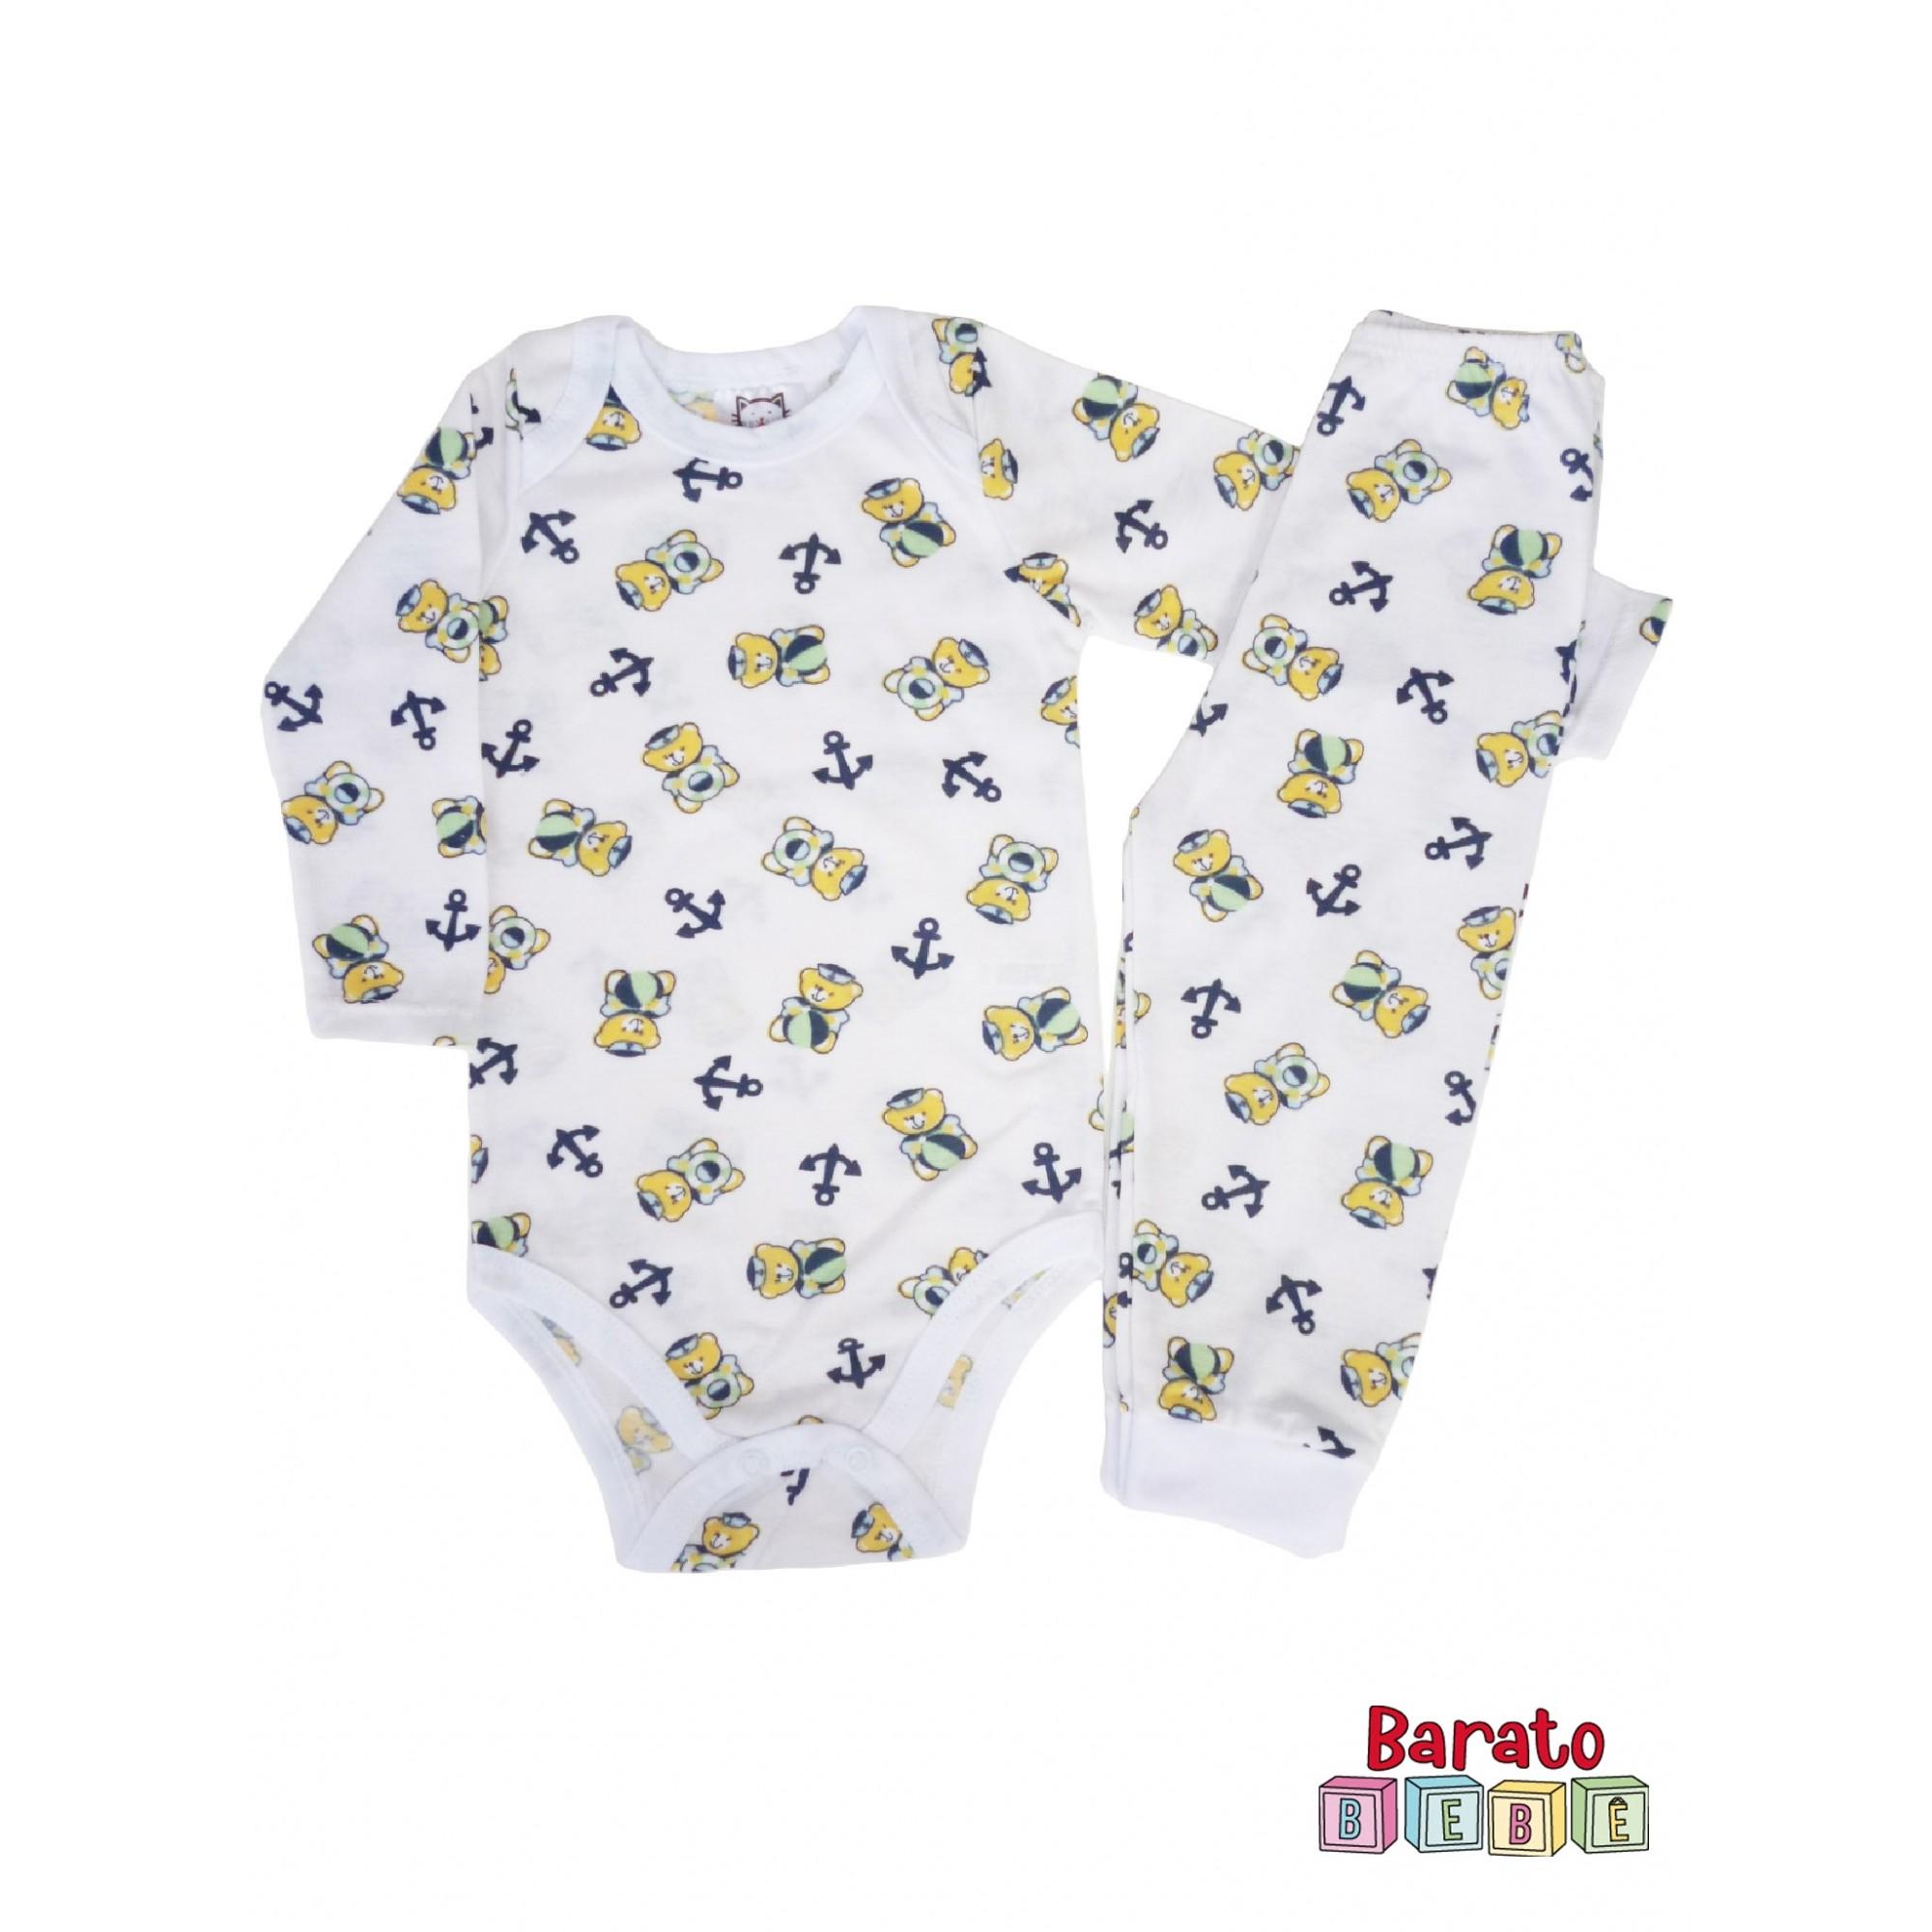 Conjunto Body Bebê Menino com Estampa Ursinho Marinheiro  Branco (RN-P-M-G)